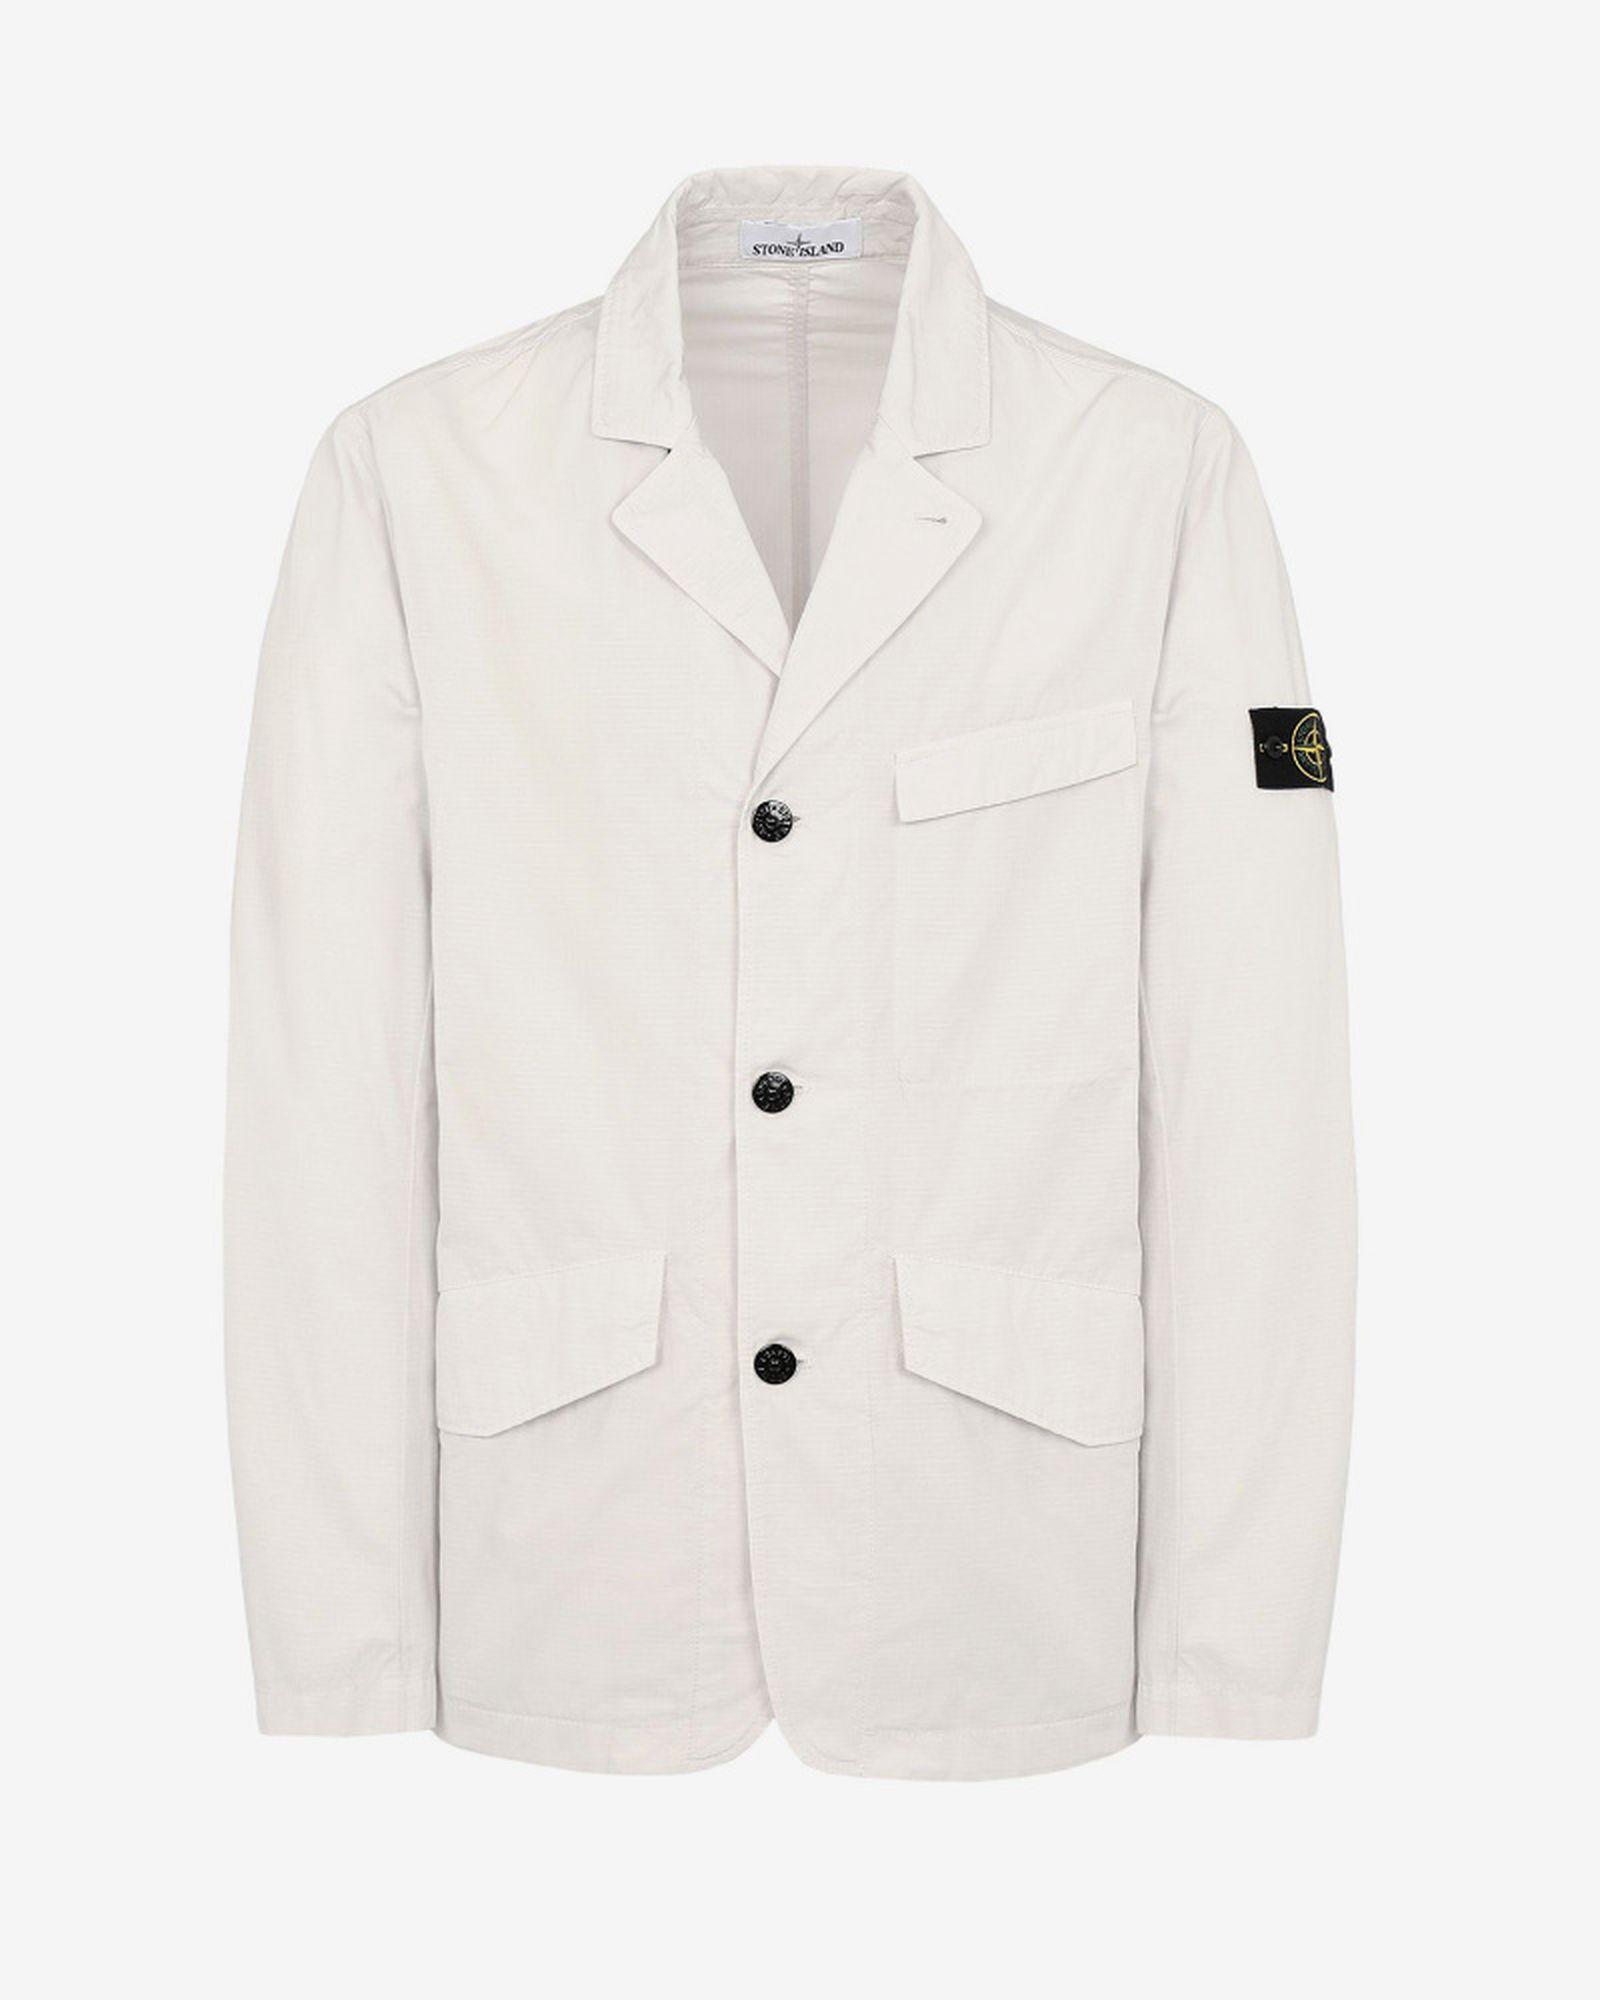 1stone island structured cotton blazer